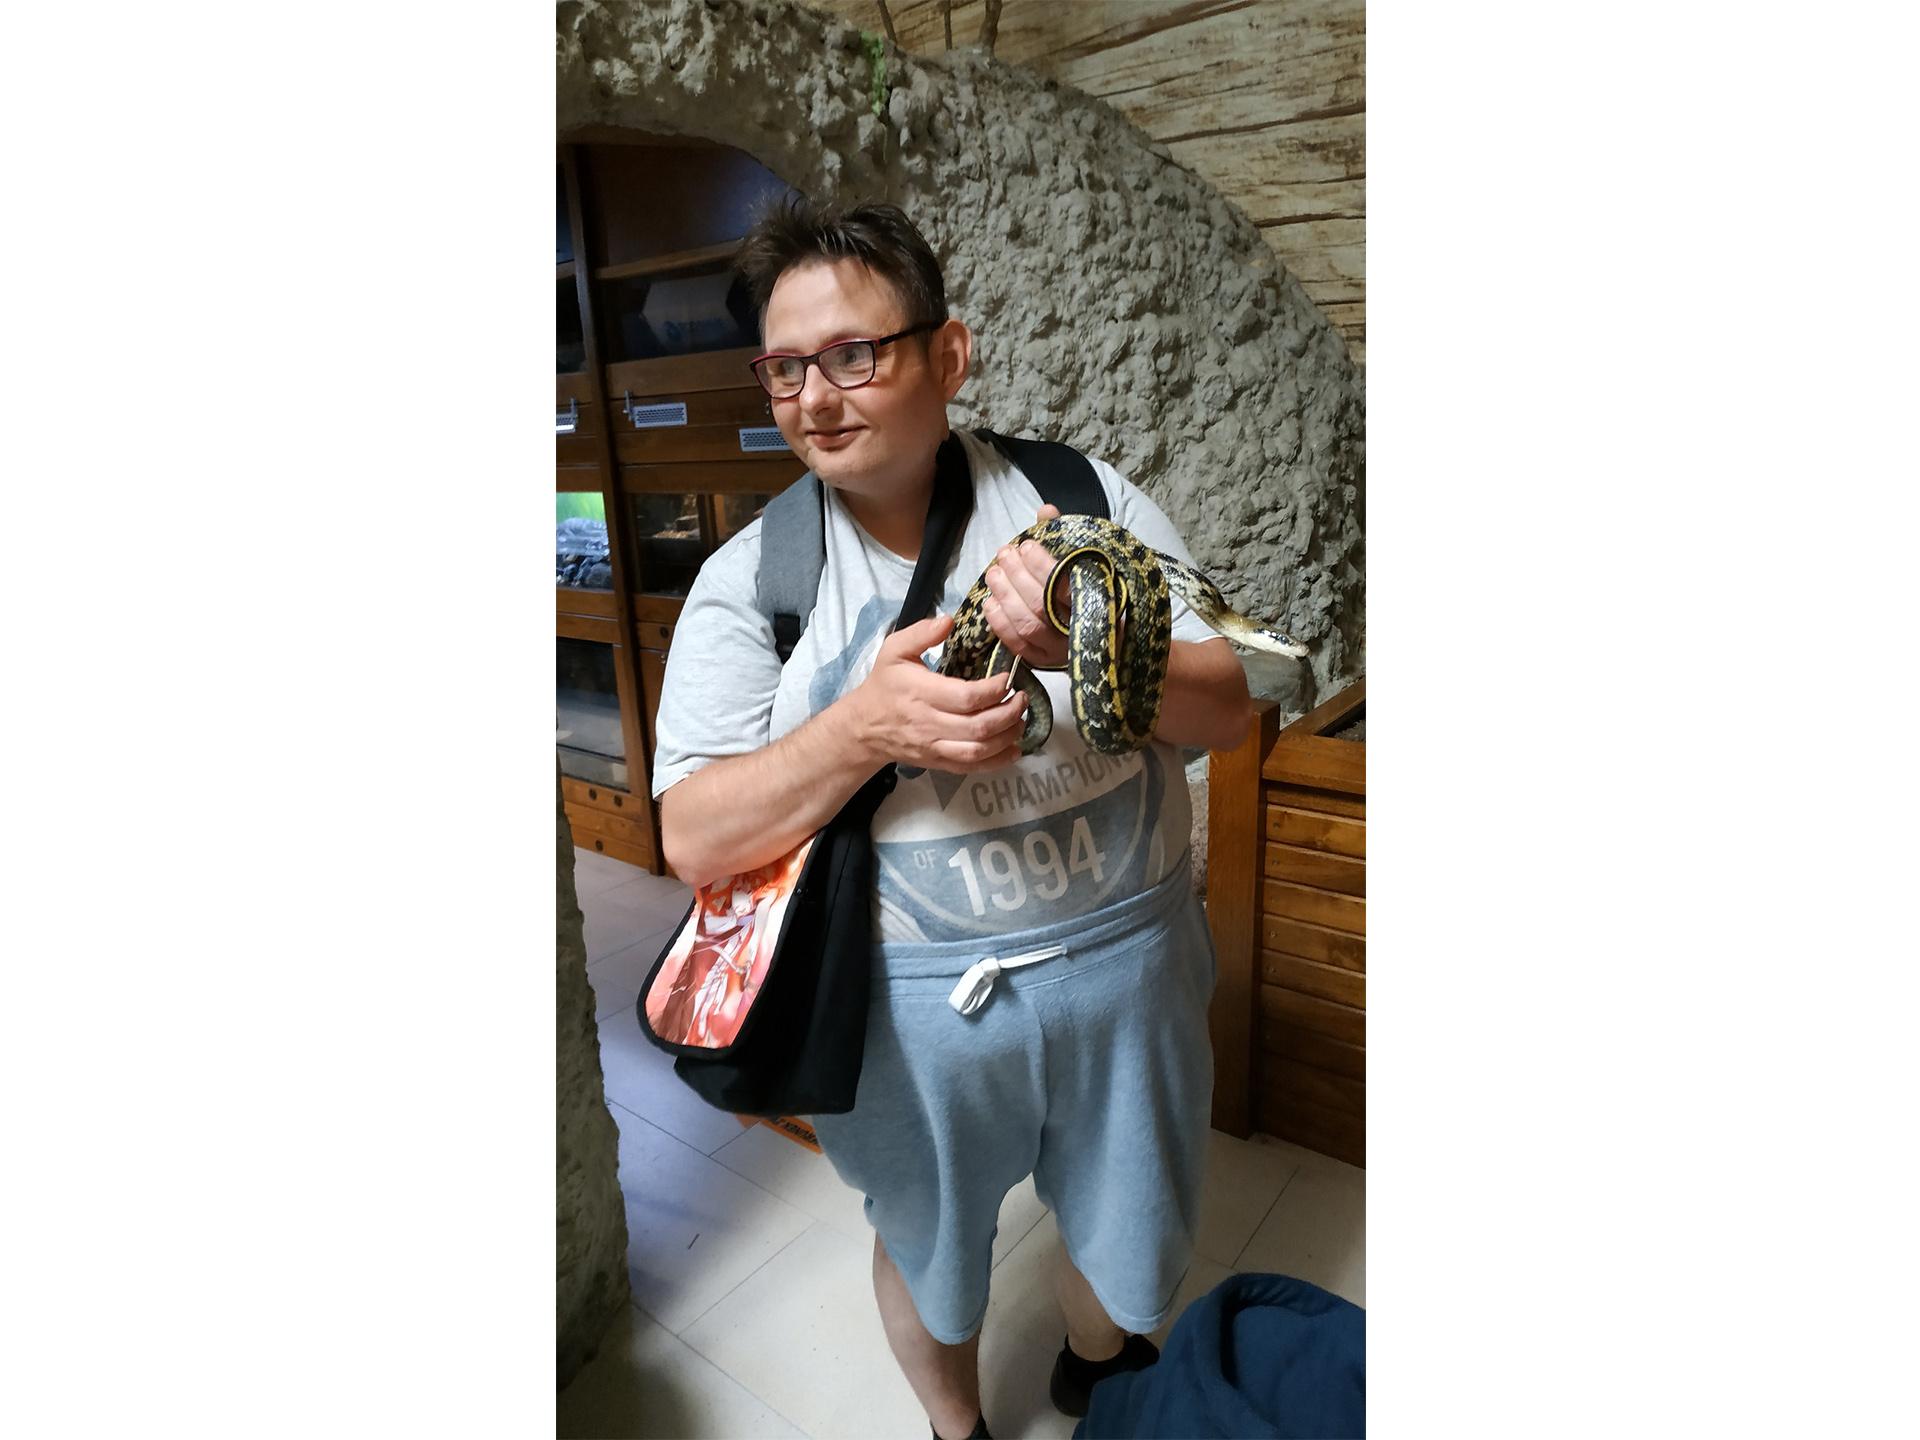 Podopieczny trzyma na rękach kolorowego węża